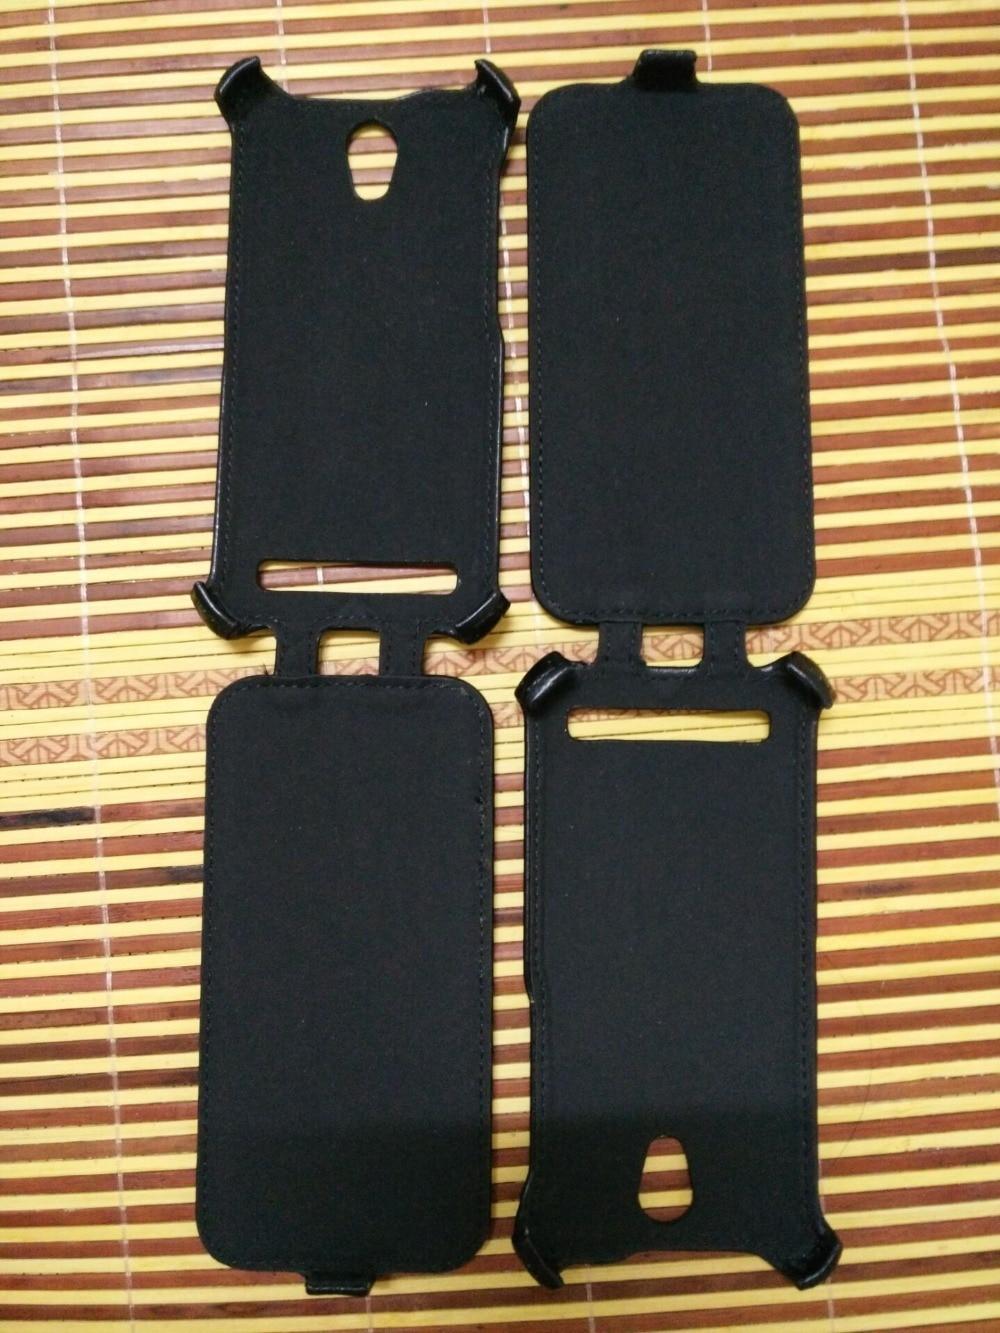 bilder für Highscreen Zera S Rev. S 4,5 ultradünne Hohe Qualität Flip wärme-einstellung Fall für handy bis und unten Abdeckung